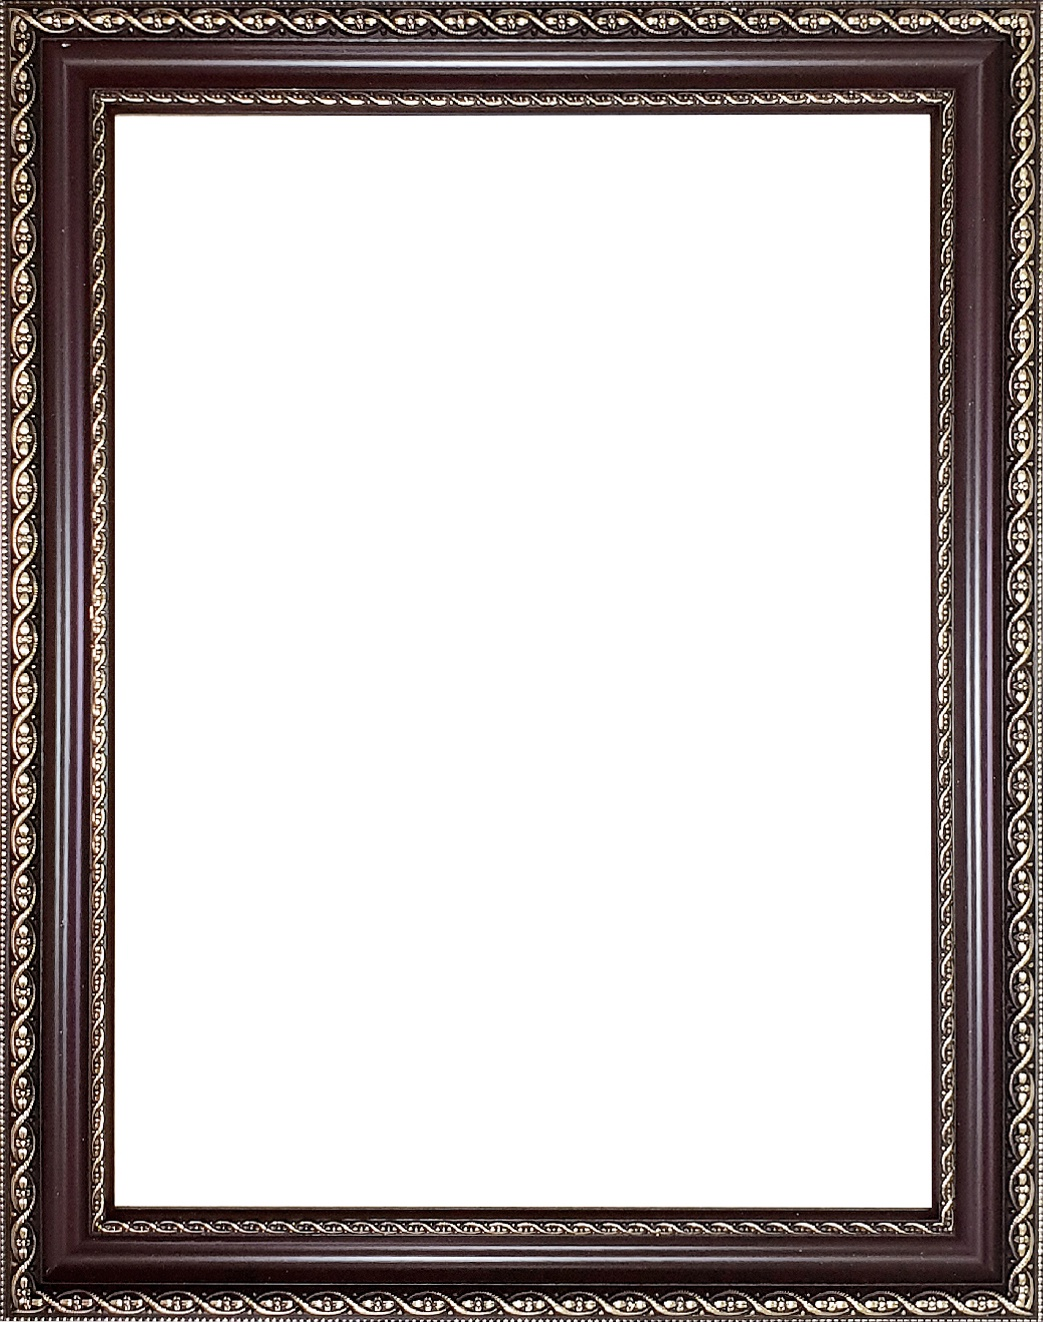 рамка для фото коричневая выбрали фотографию кликнули